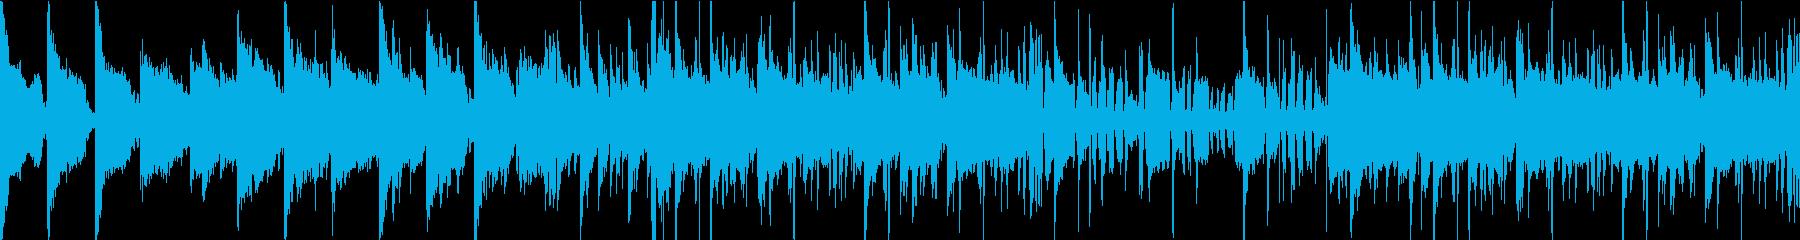 海とギター lo-fi beatsの再生済みの波形